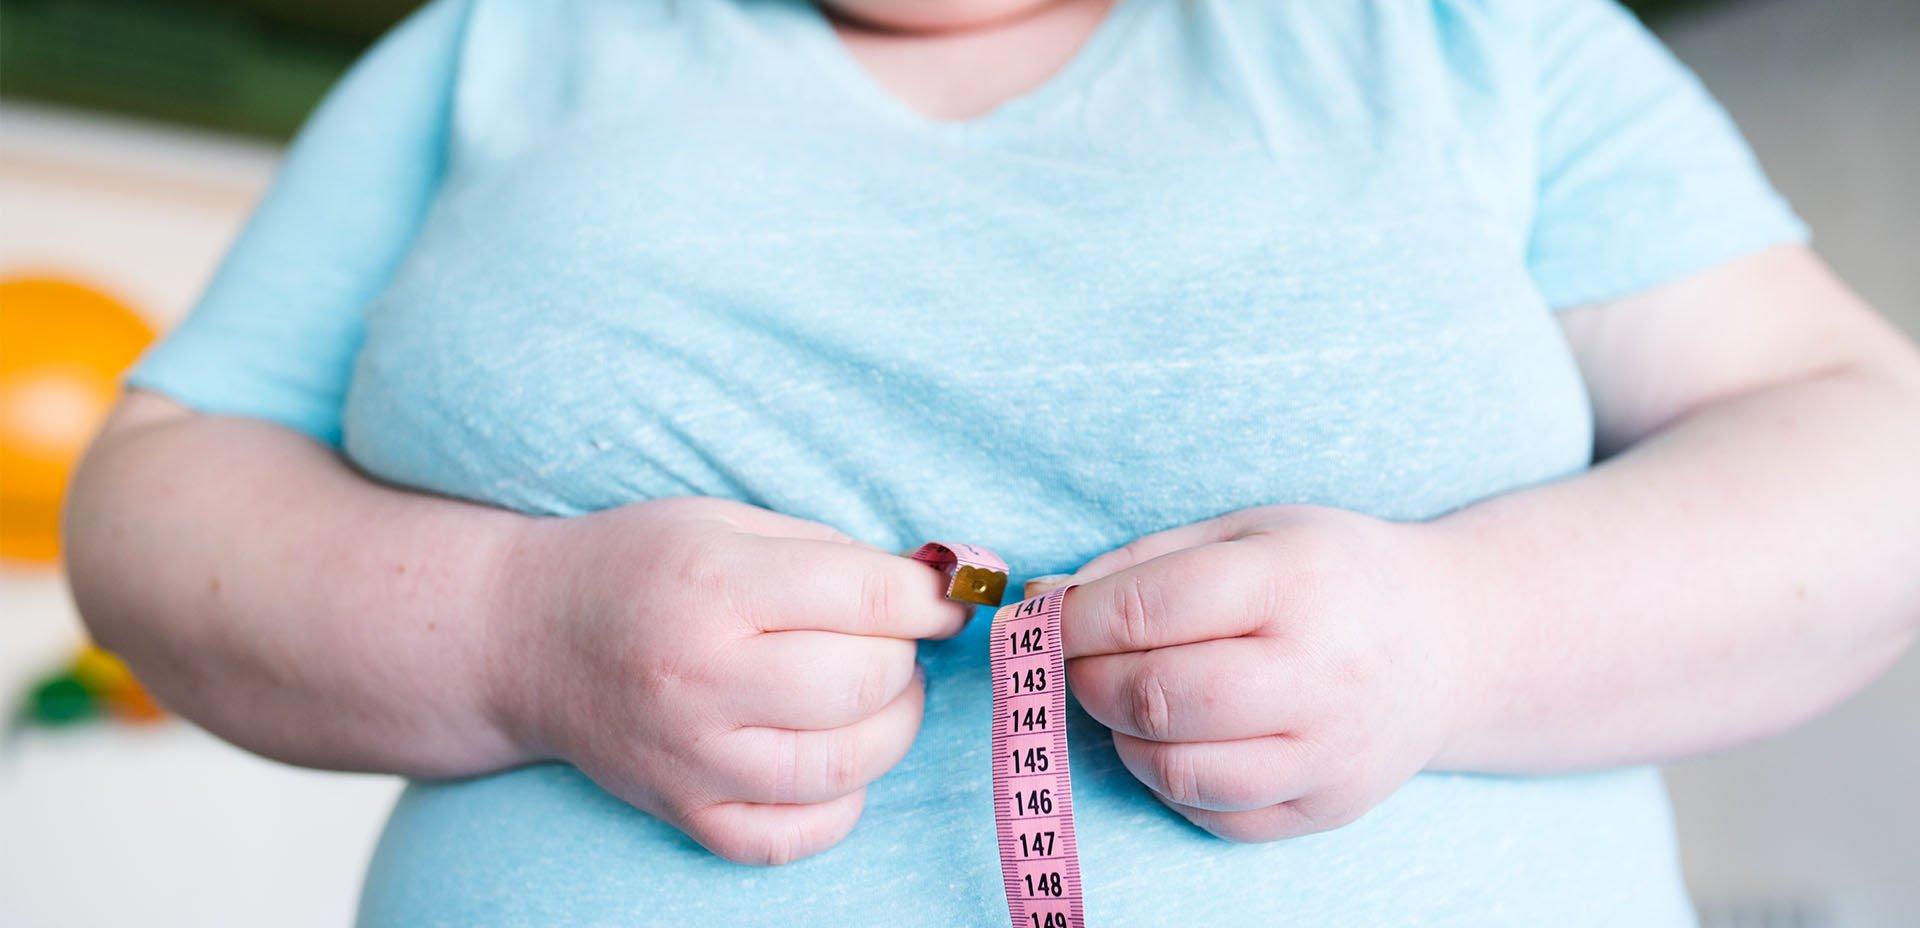 malattie metaboliche, obesità